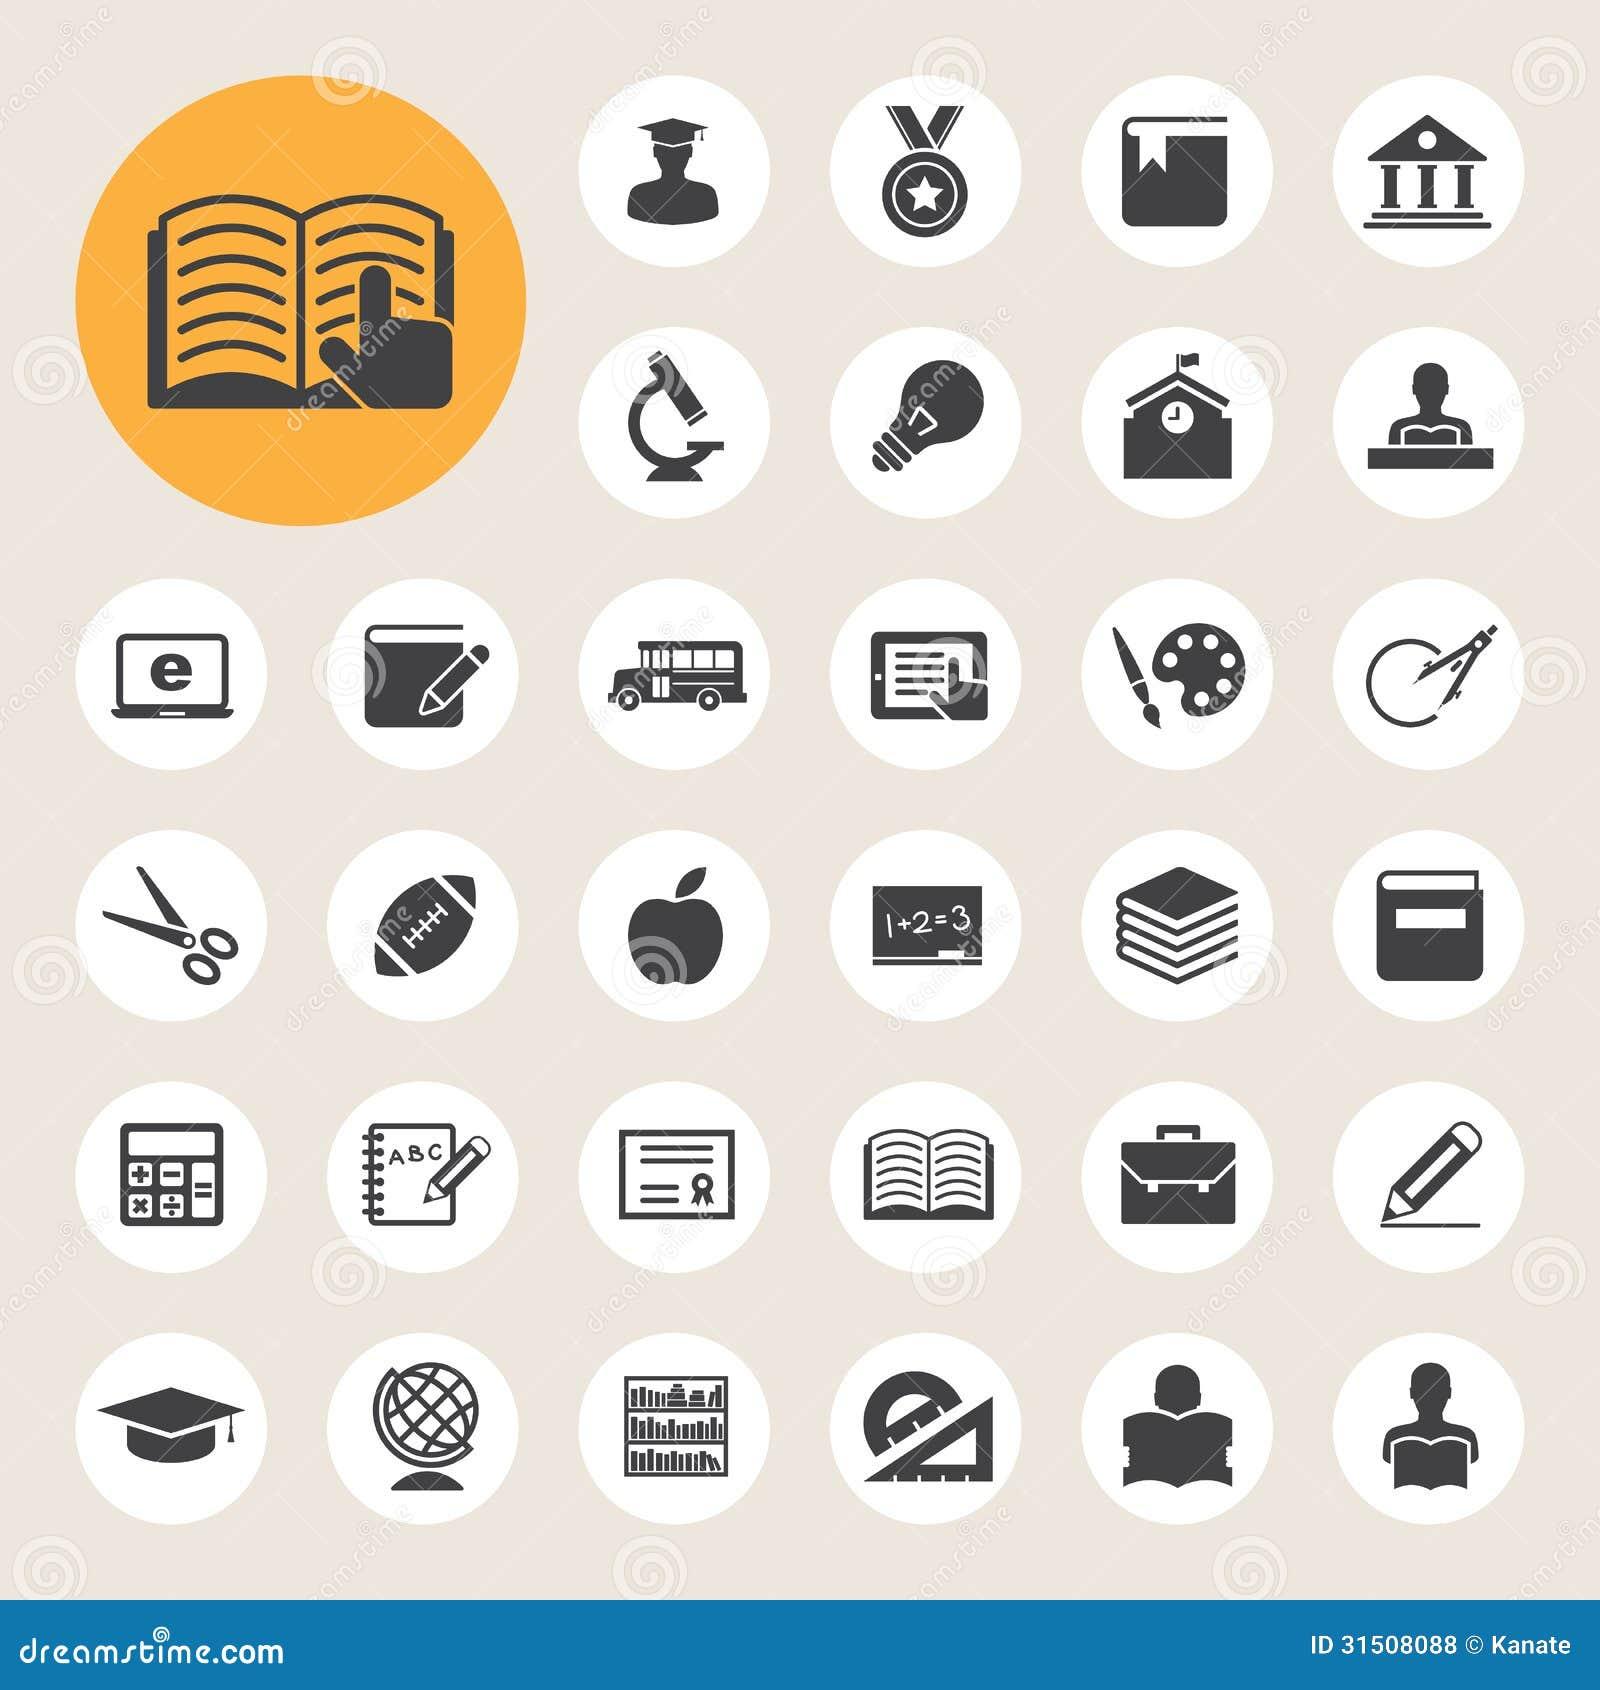 Education Icons Set Illustration Royalty Free Stock